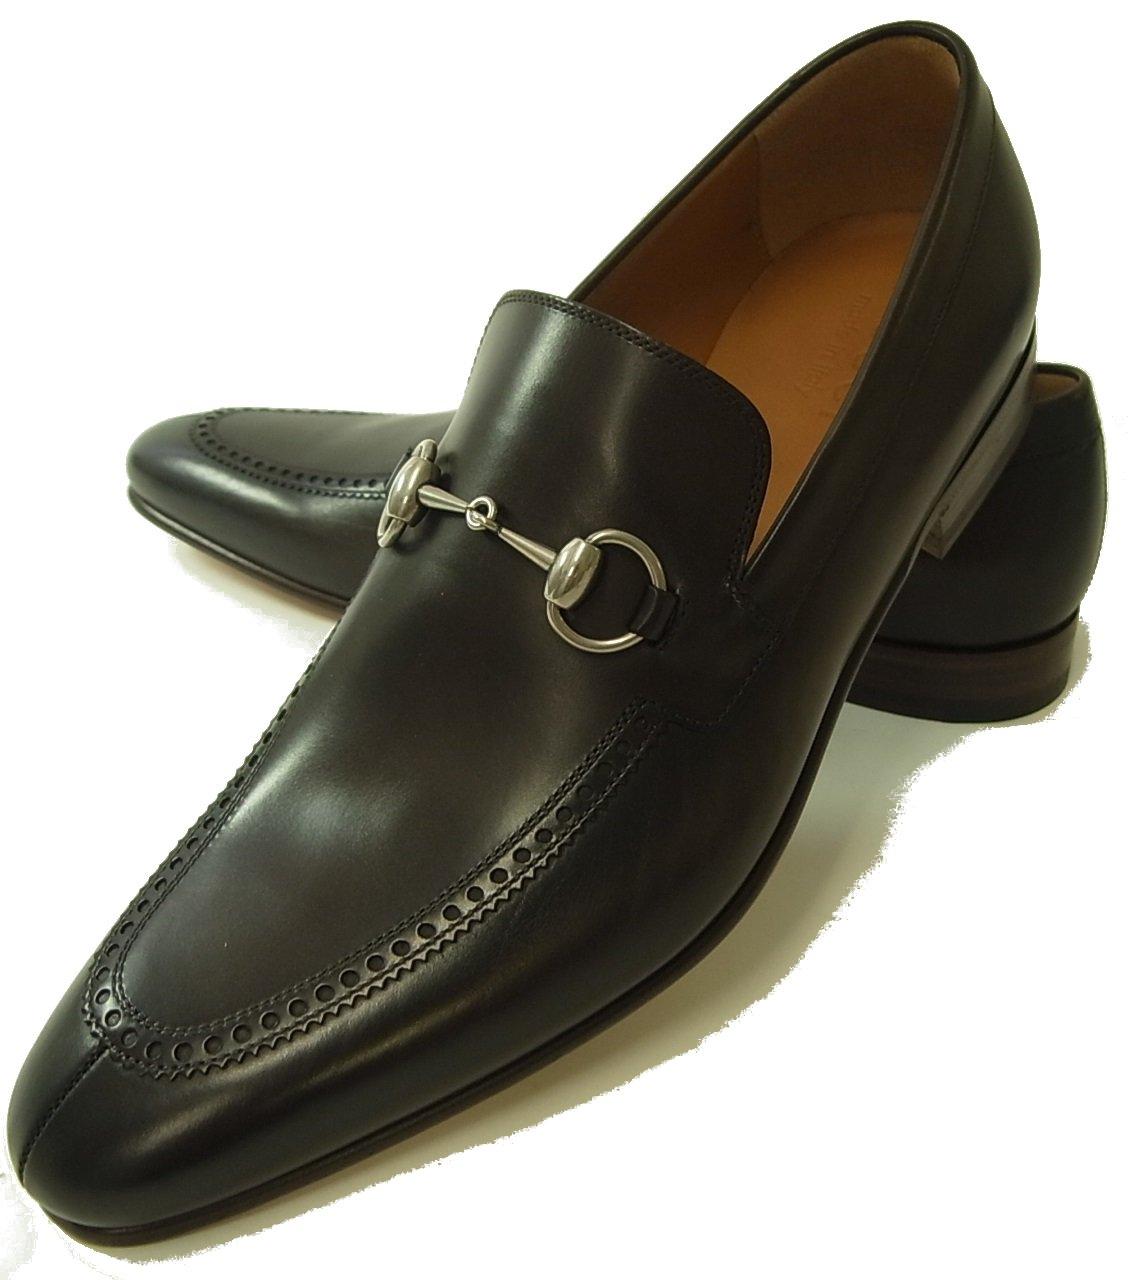 (グッチ)GUCCI 靴 メンズ  メダリオン ビットシューズ(ココア) 269653 BLM00 2140 G-5498 [並行輸入品]